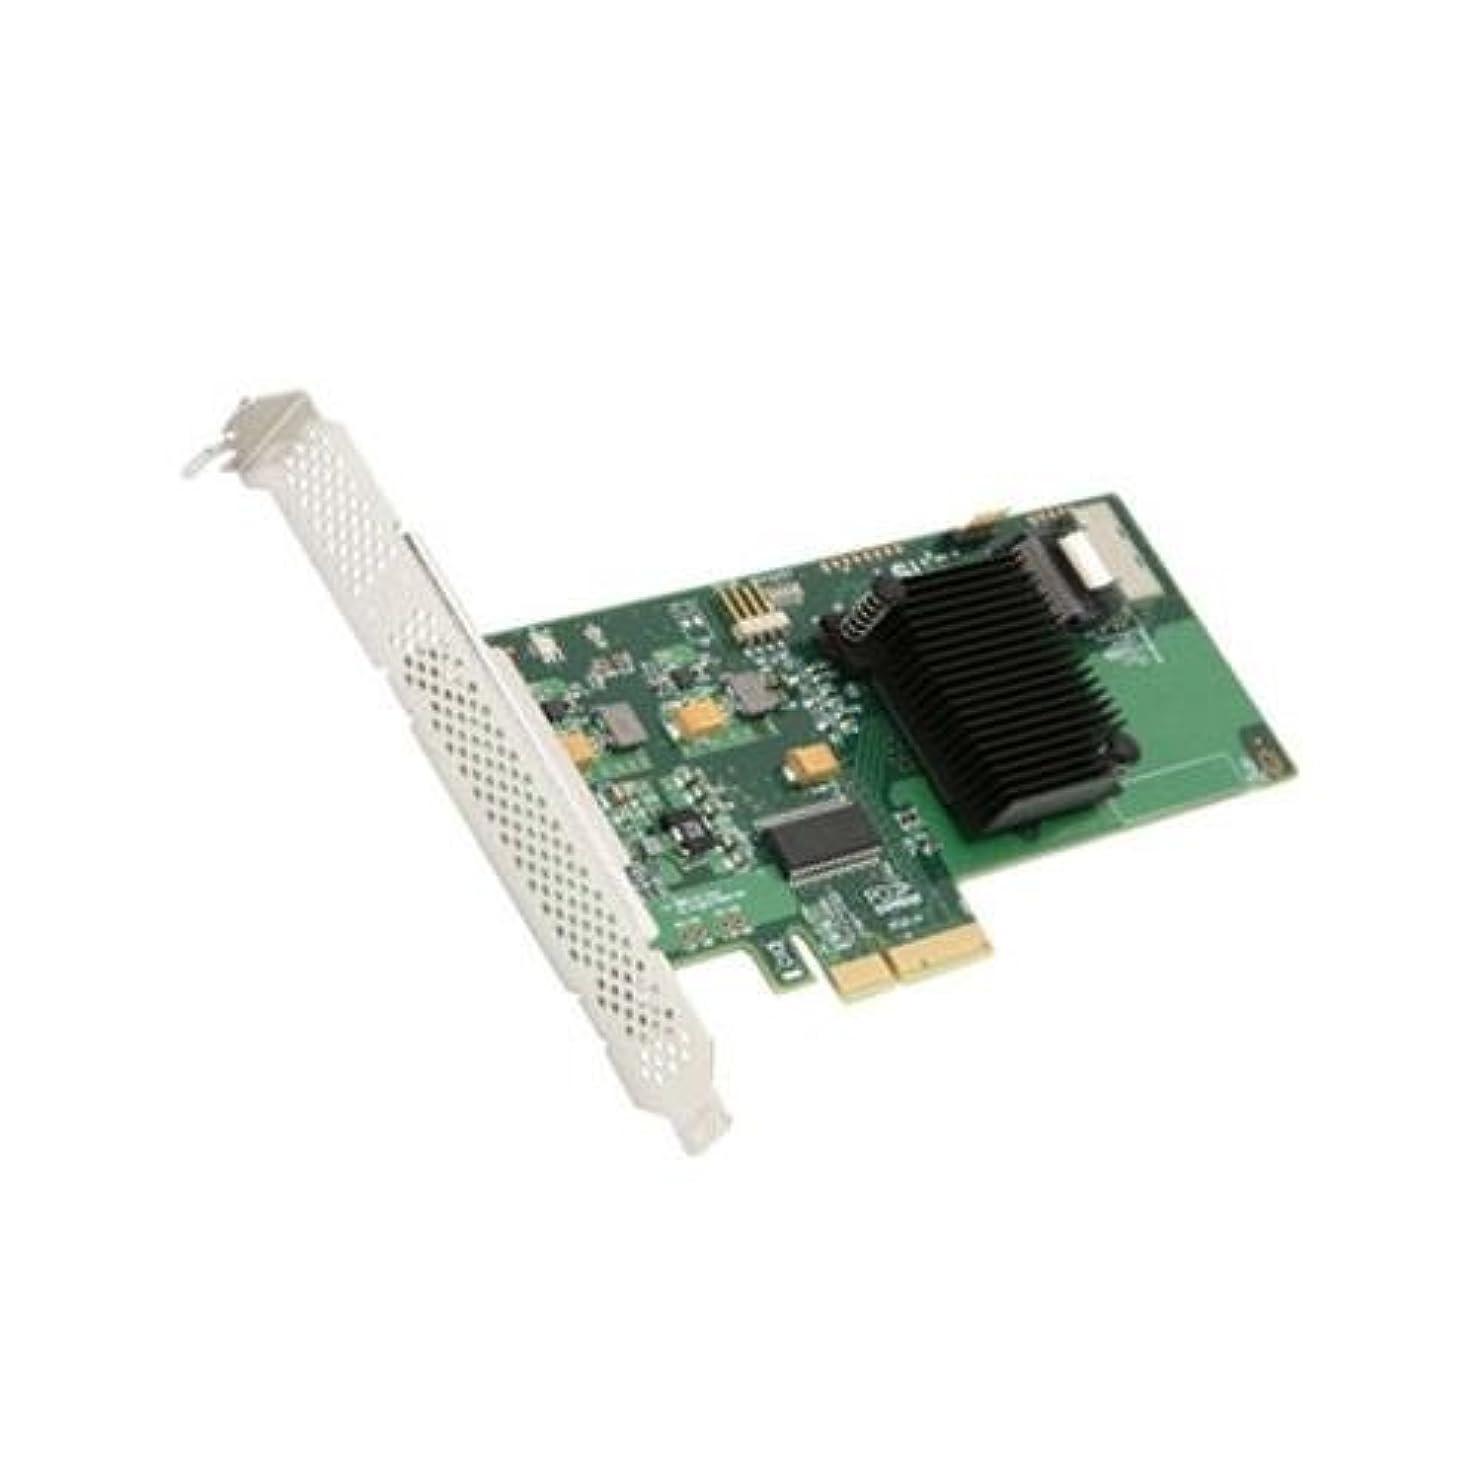 フルートリマーク電気技師LSIロジックlsi00190 MegaRAID SAS 9211 – 4i 4port 256 MB 6 GB / sシングルコントローラカード